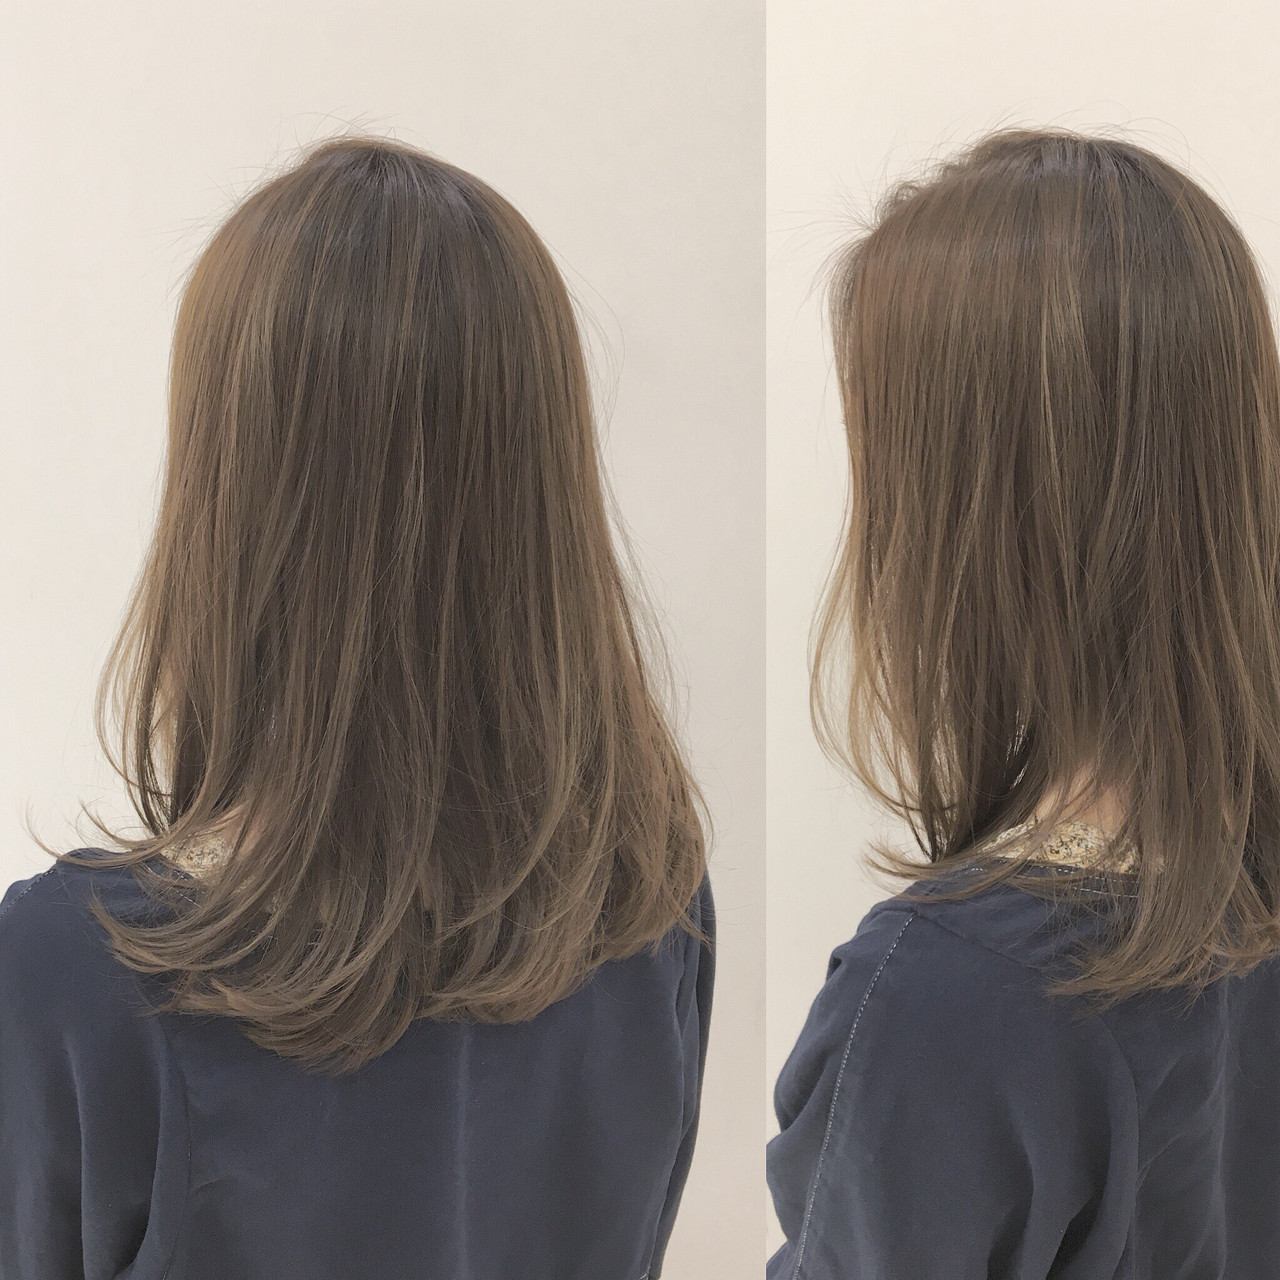 ベージュ 透明感 セミロング 大人かわいい ヘアスタイルや髪型の写真・画像